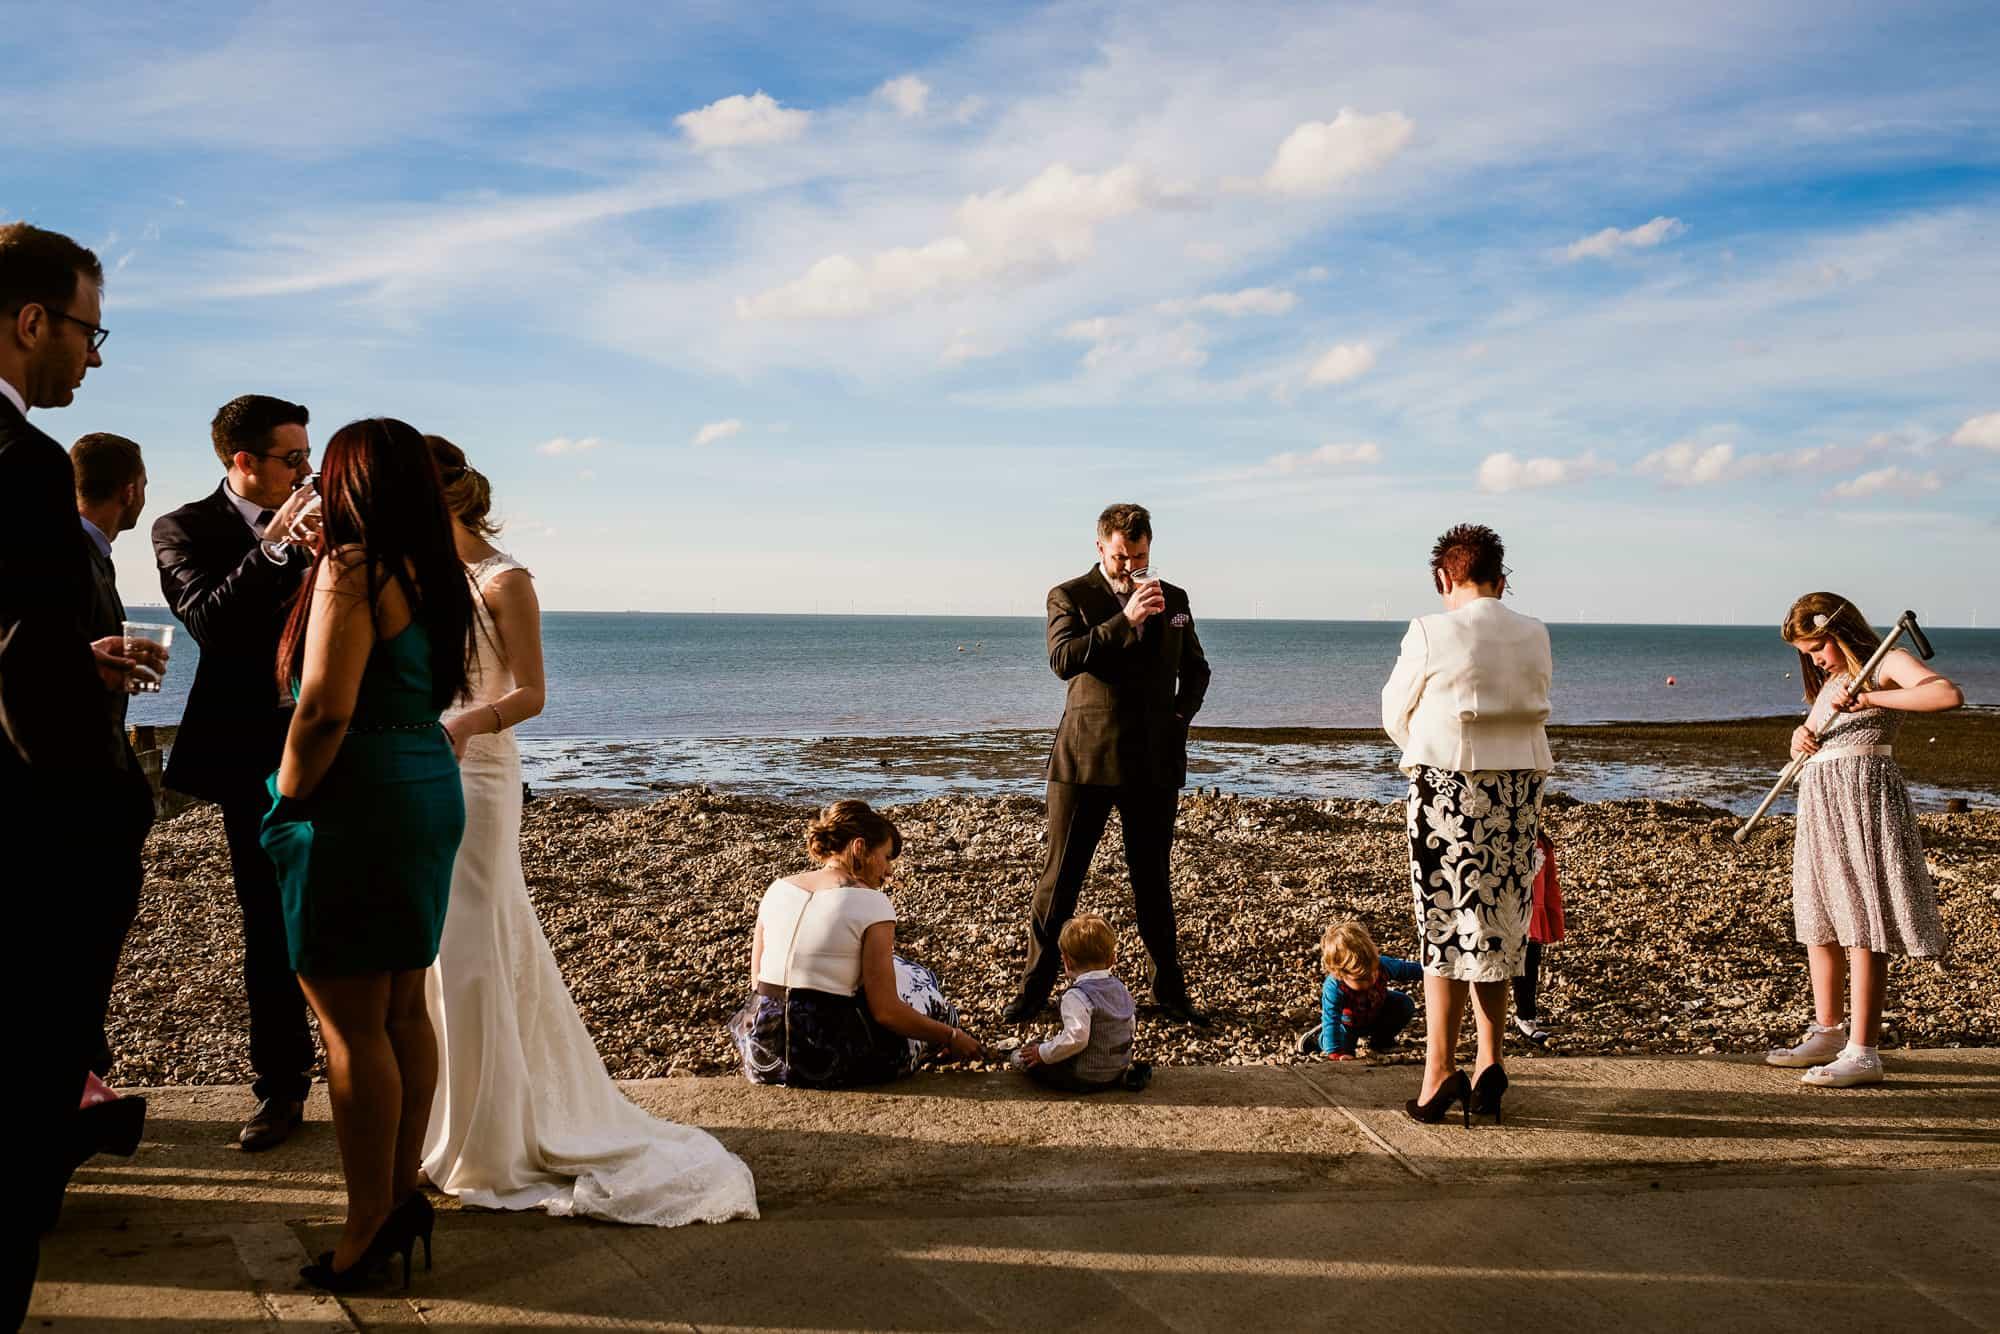 east-quay-wedding-photographer-matt-tyler-0072